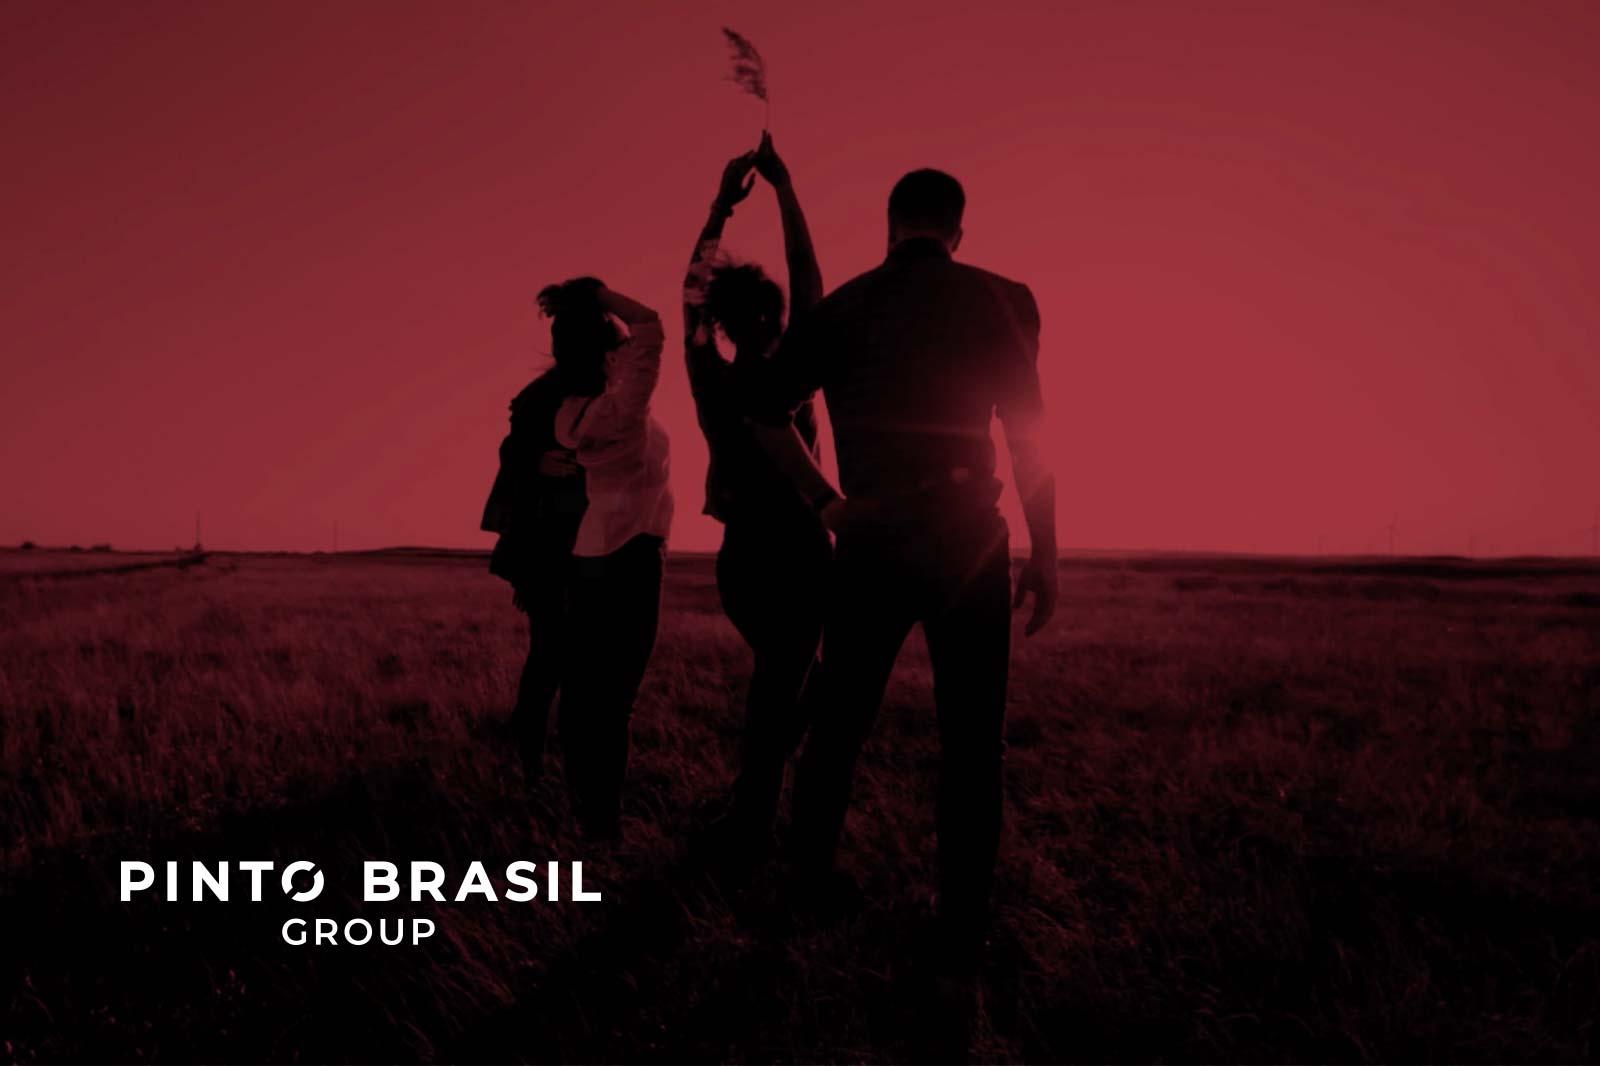 Grupo Pinto Brasil<br> assinala 30 anos<br> com novo rebranding